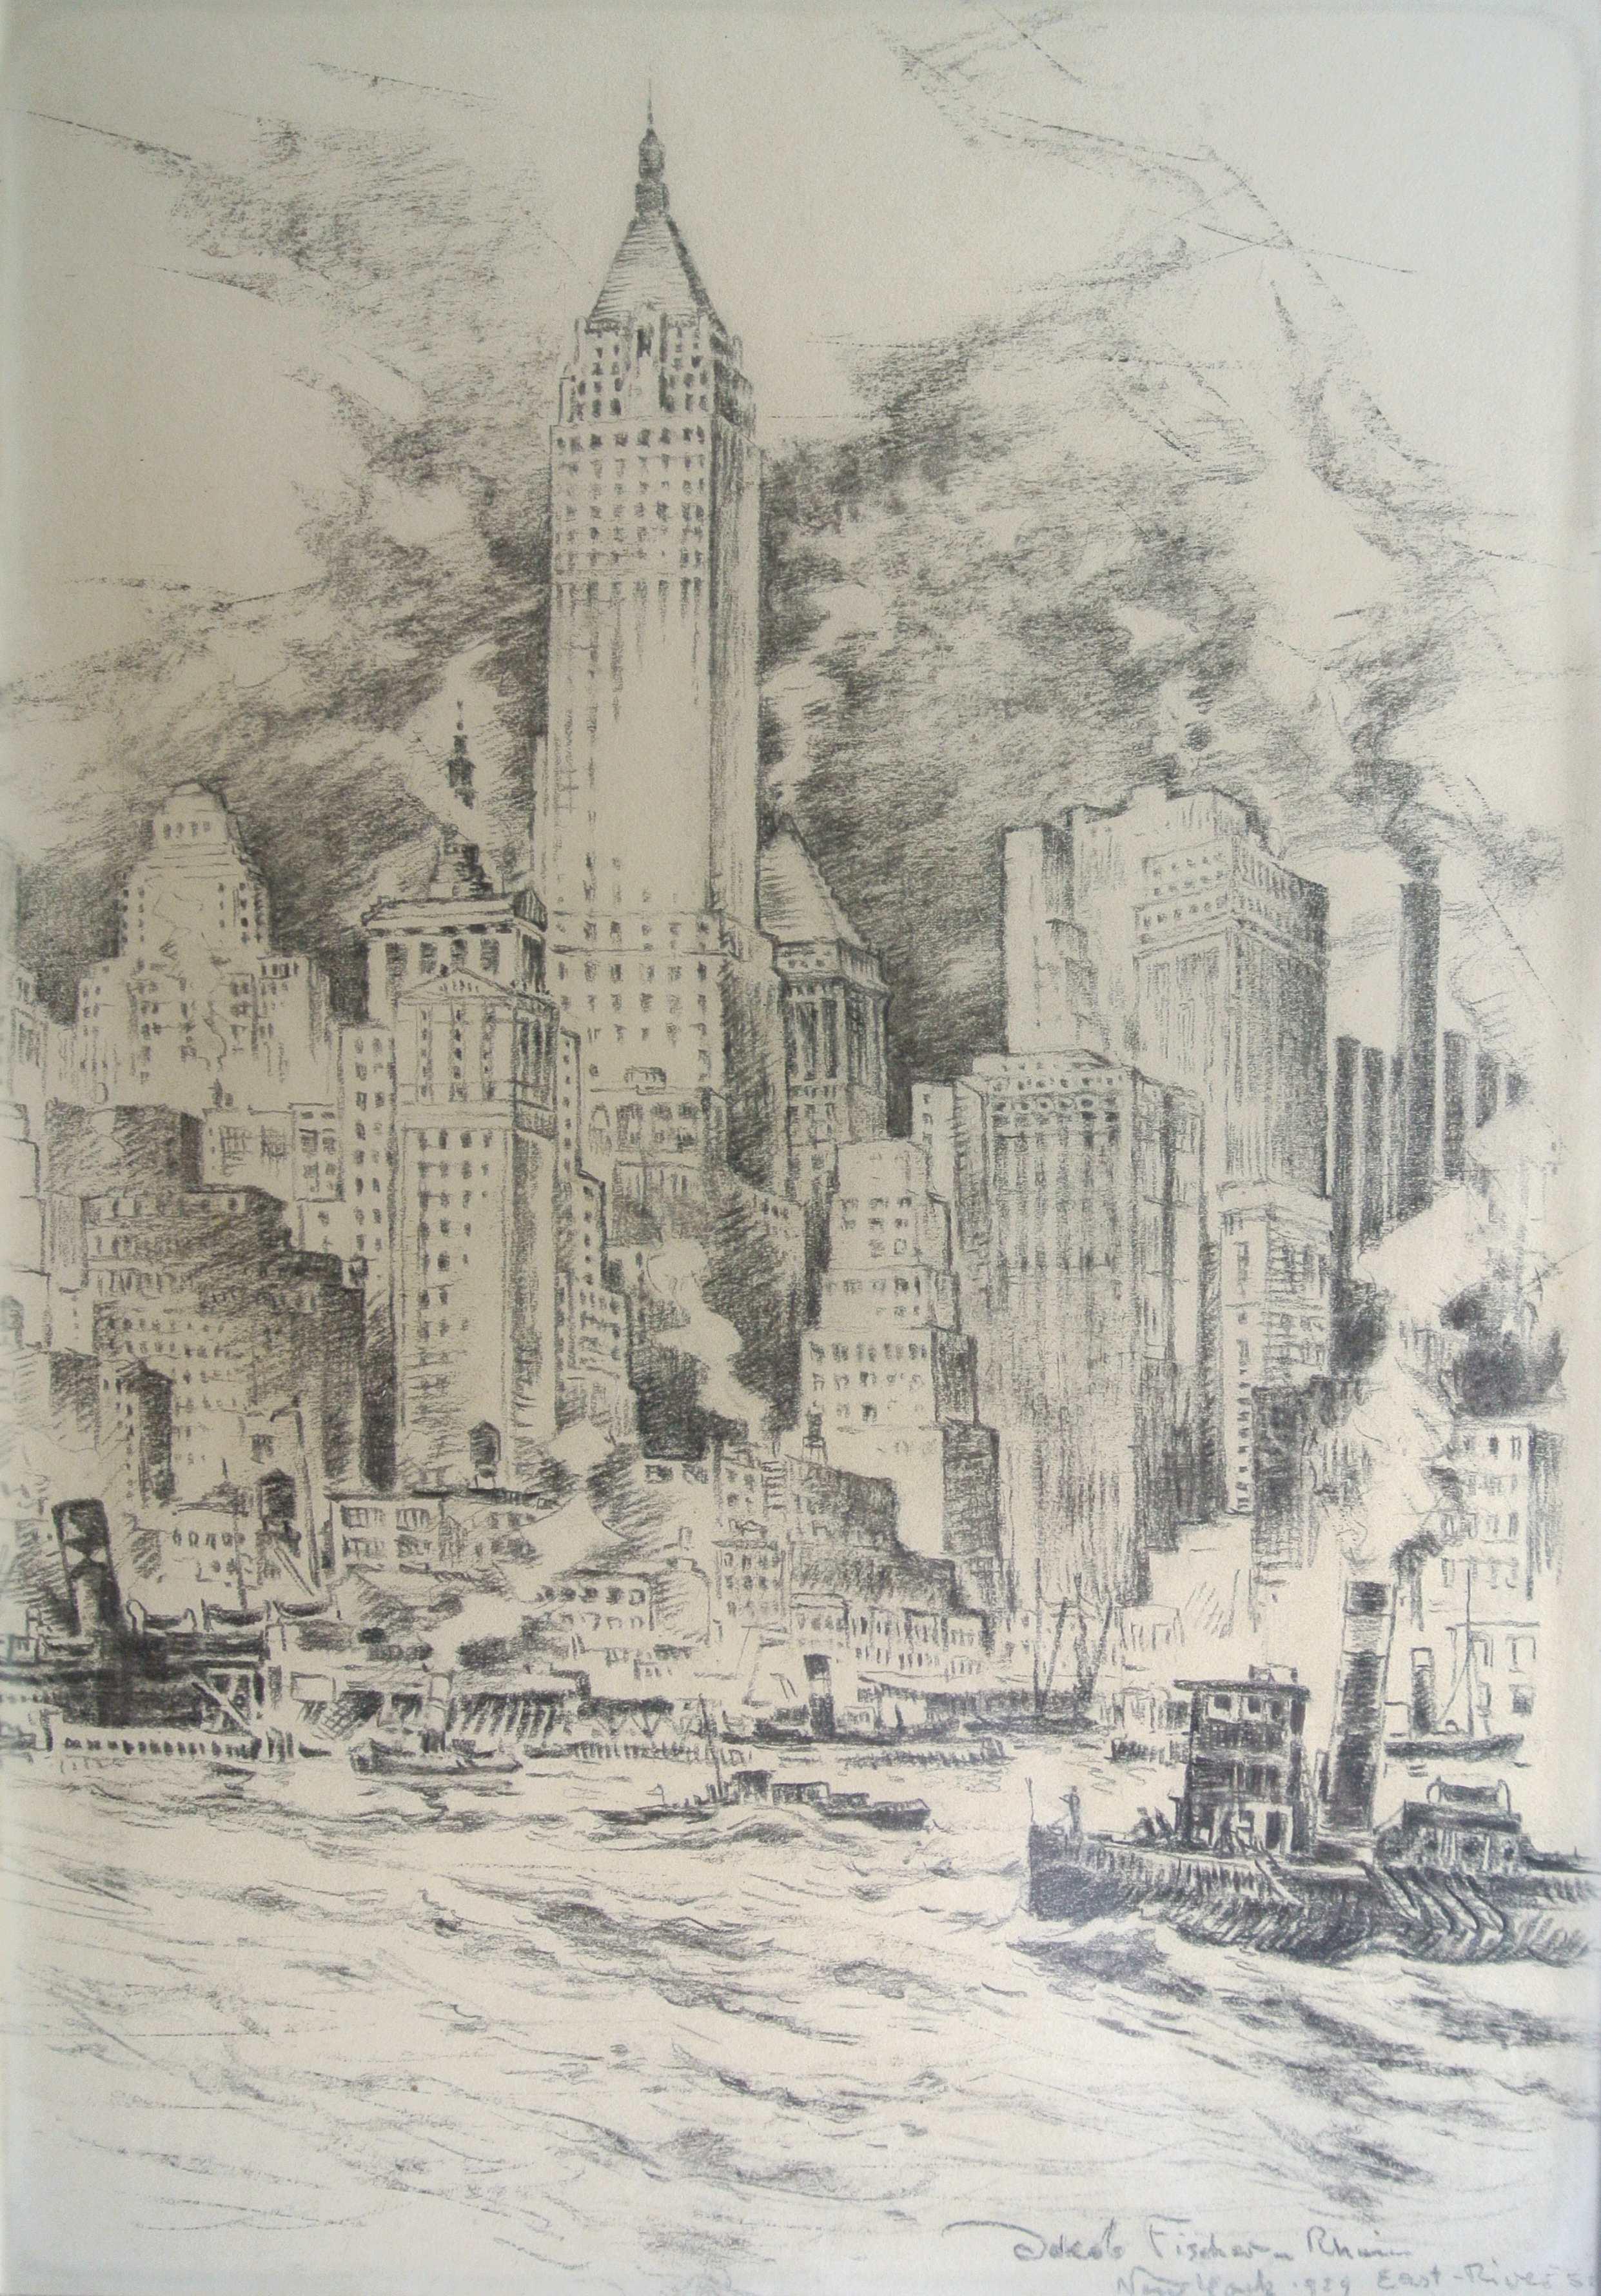 East River Side, New York, 1929, für vergrößerte Ansicht anklicken!